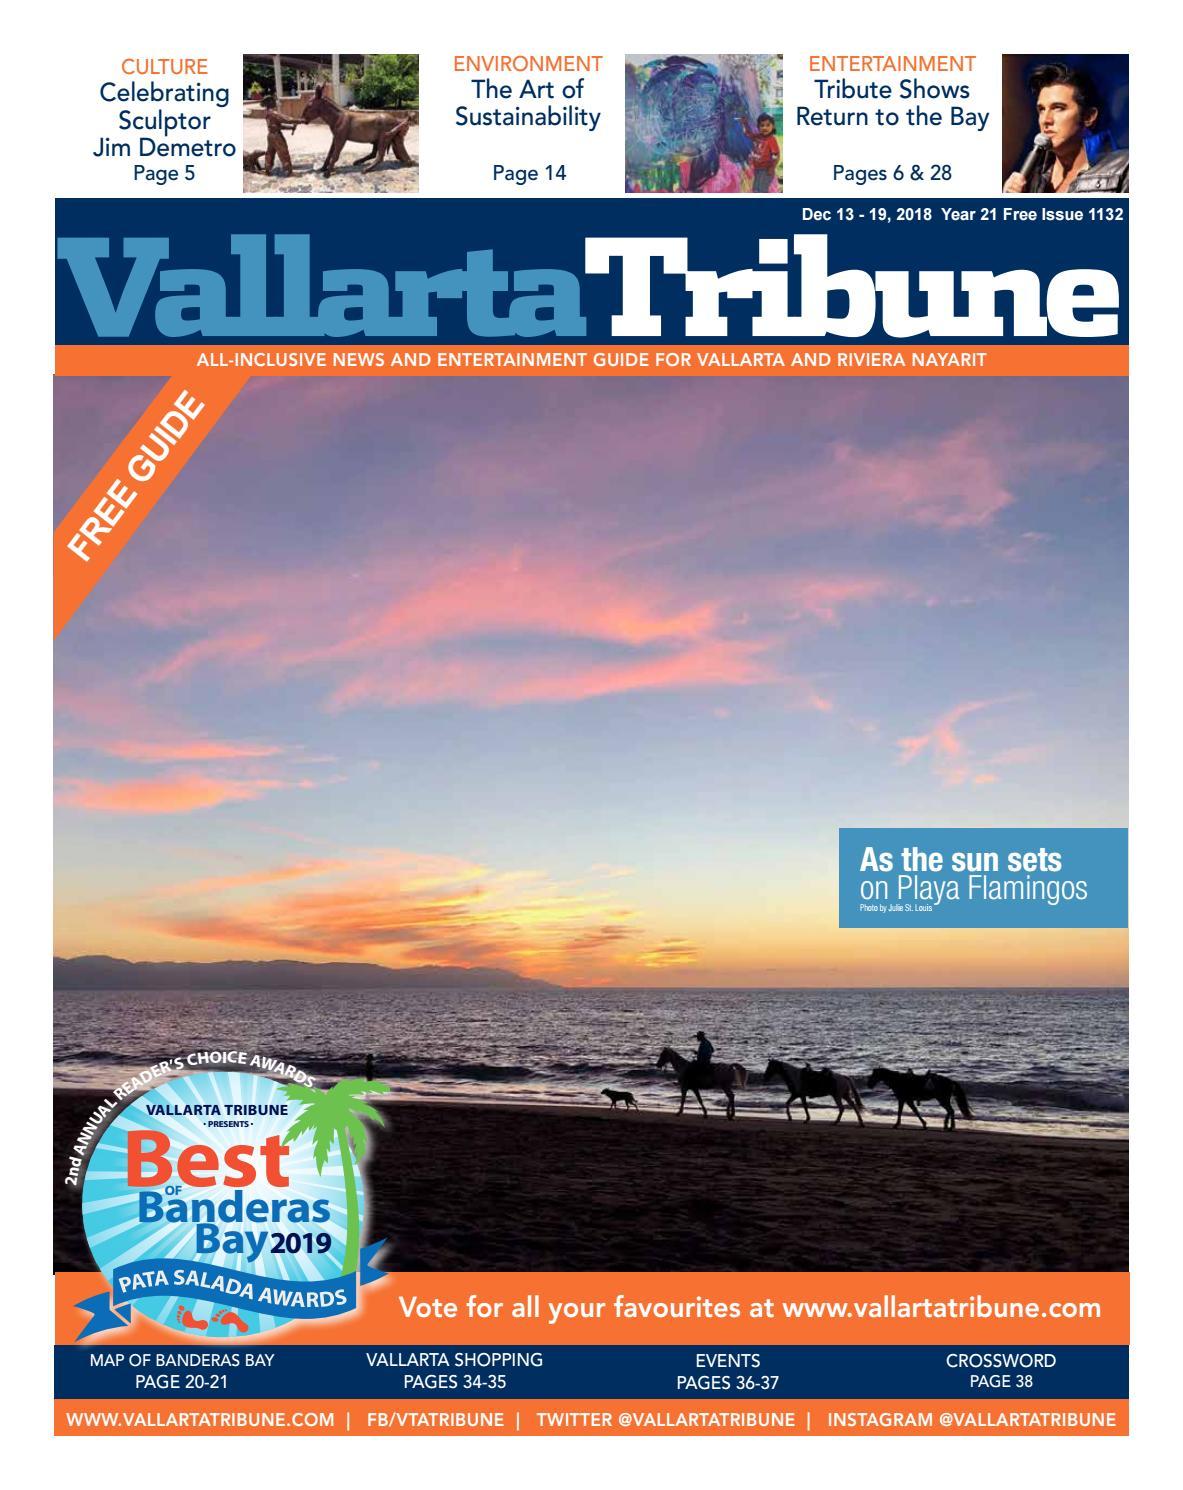 Vallarta Tribune